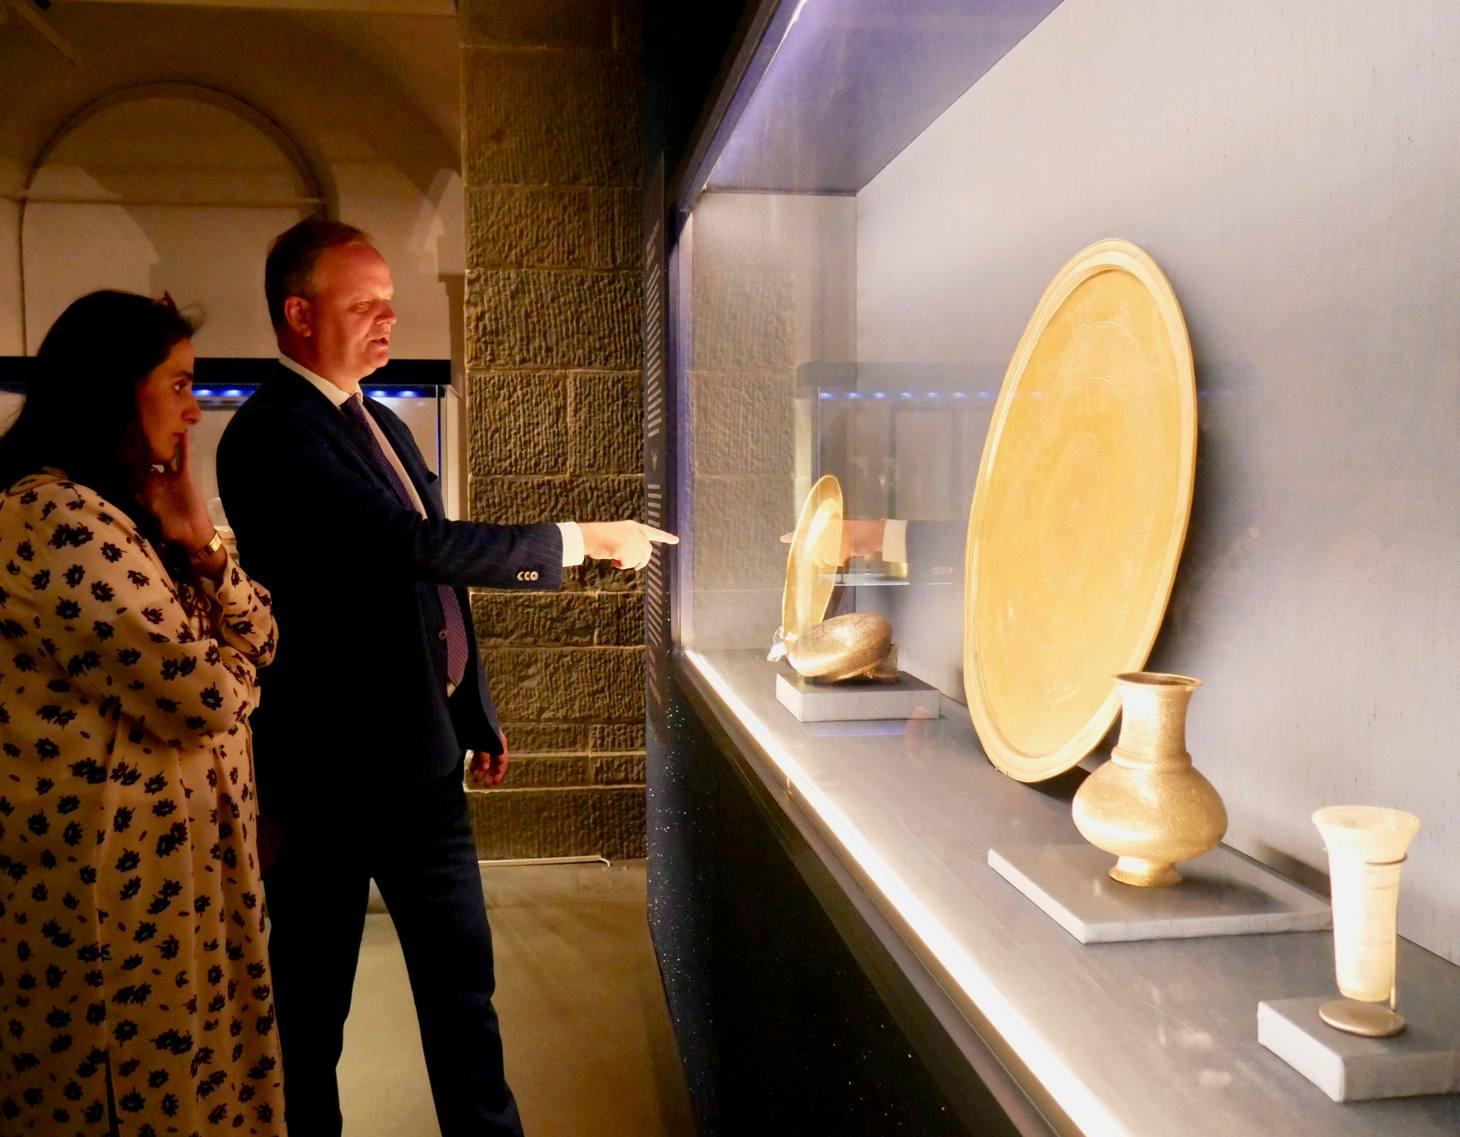 La sceicca del Qatar Al-Mayassa bint Hamad bin Khalifa al-Thani in visita agli Uffizi